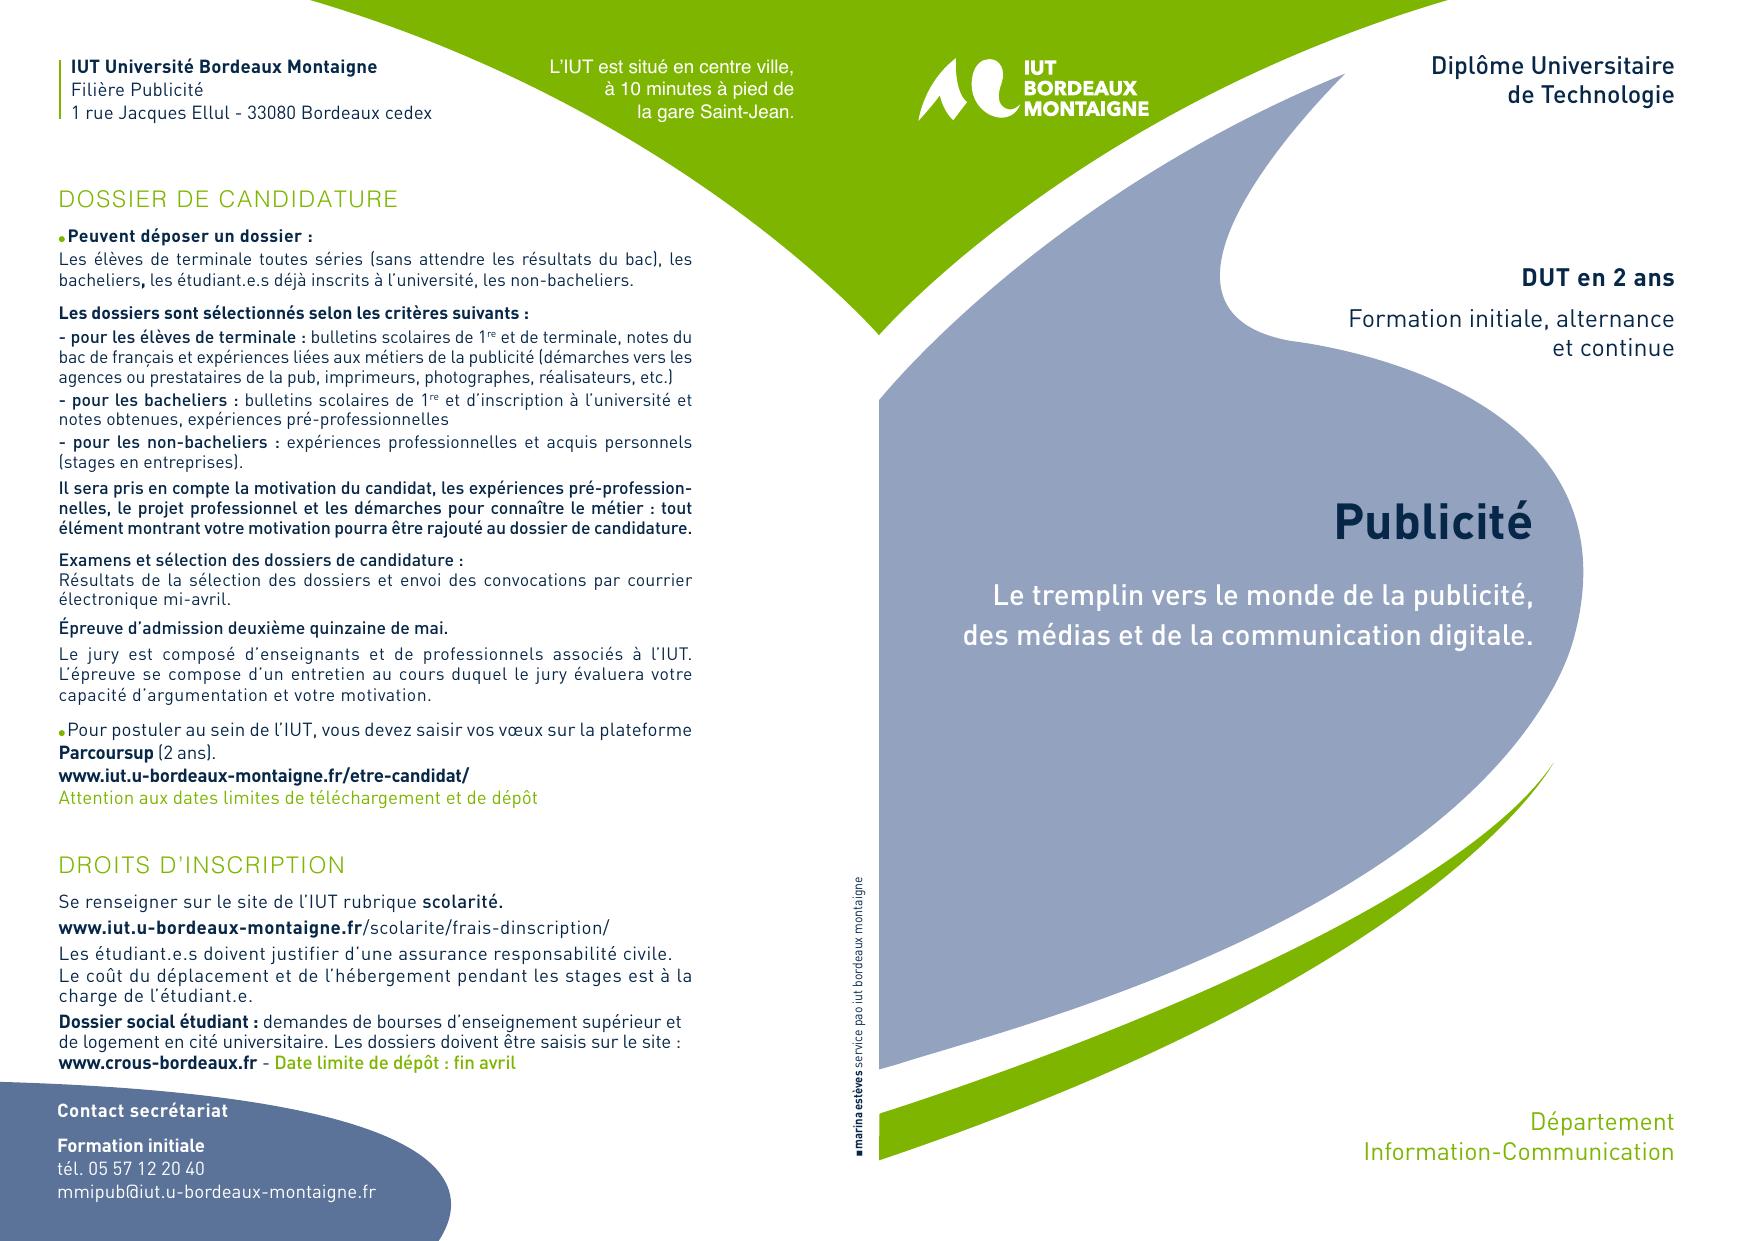 Dut Publicite Universite Bordeaux Montaigne